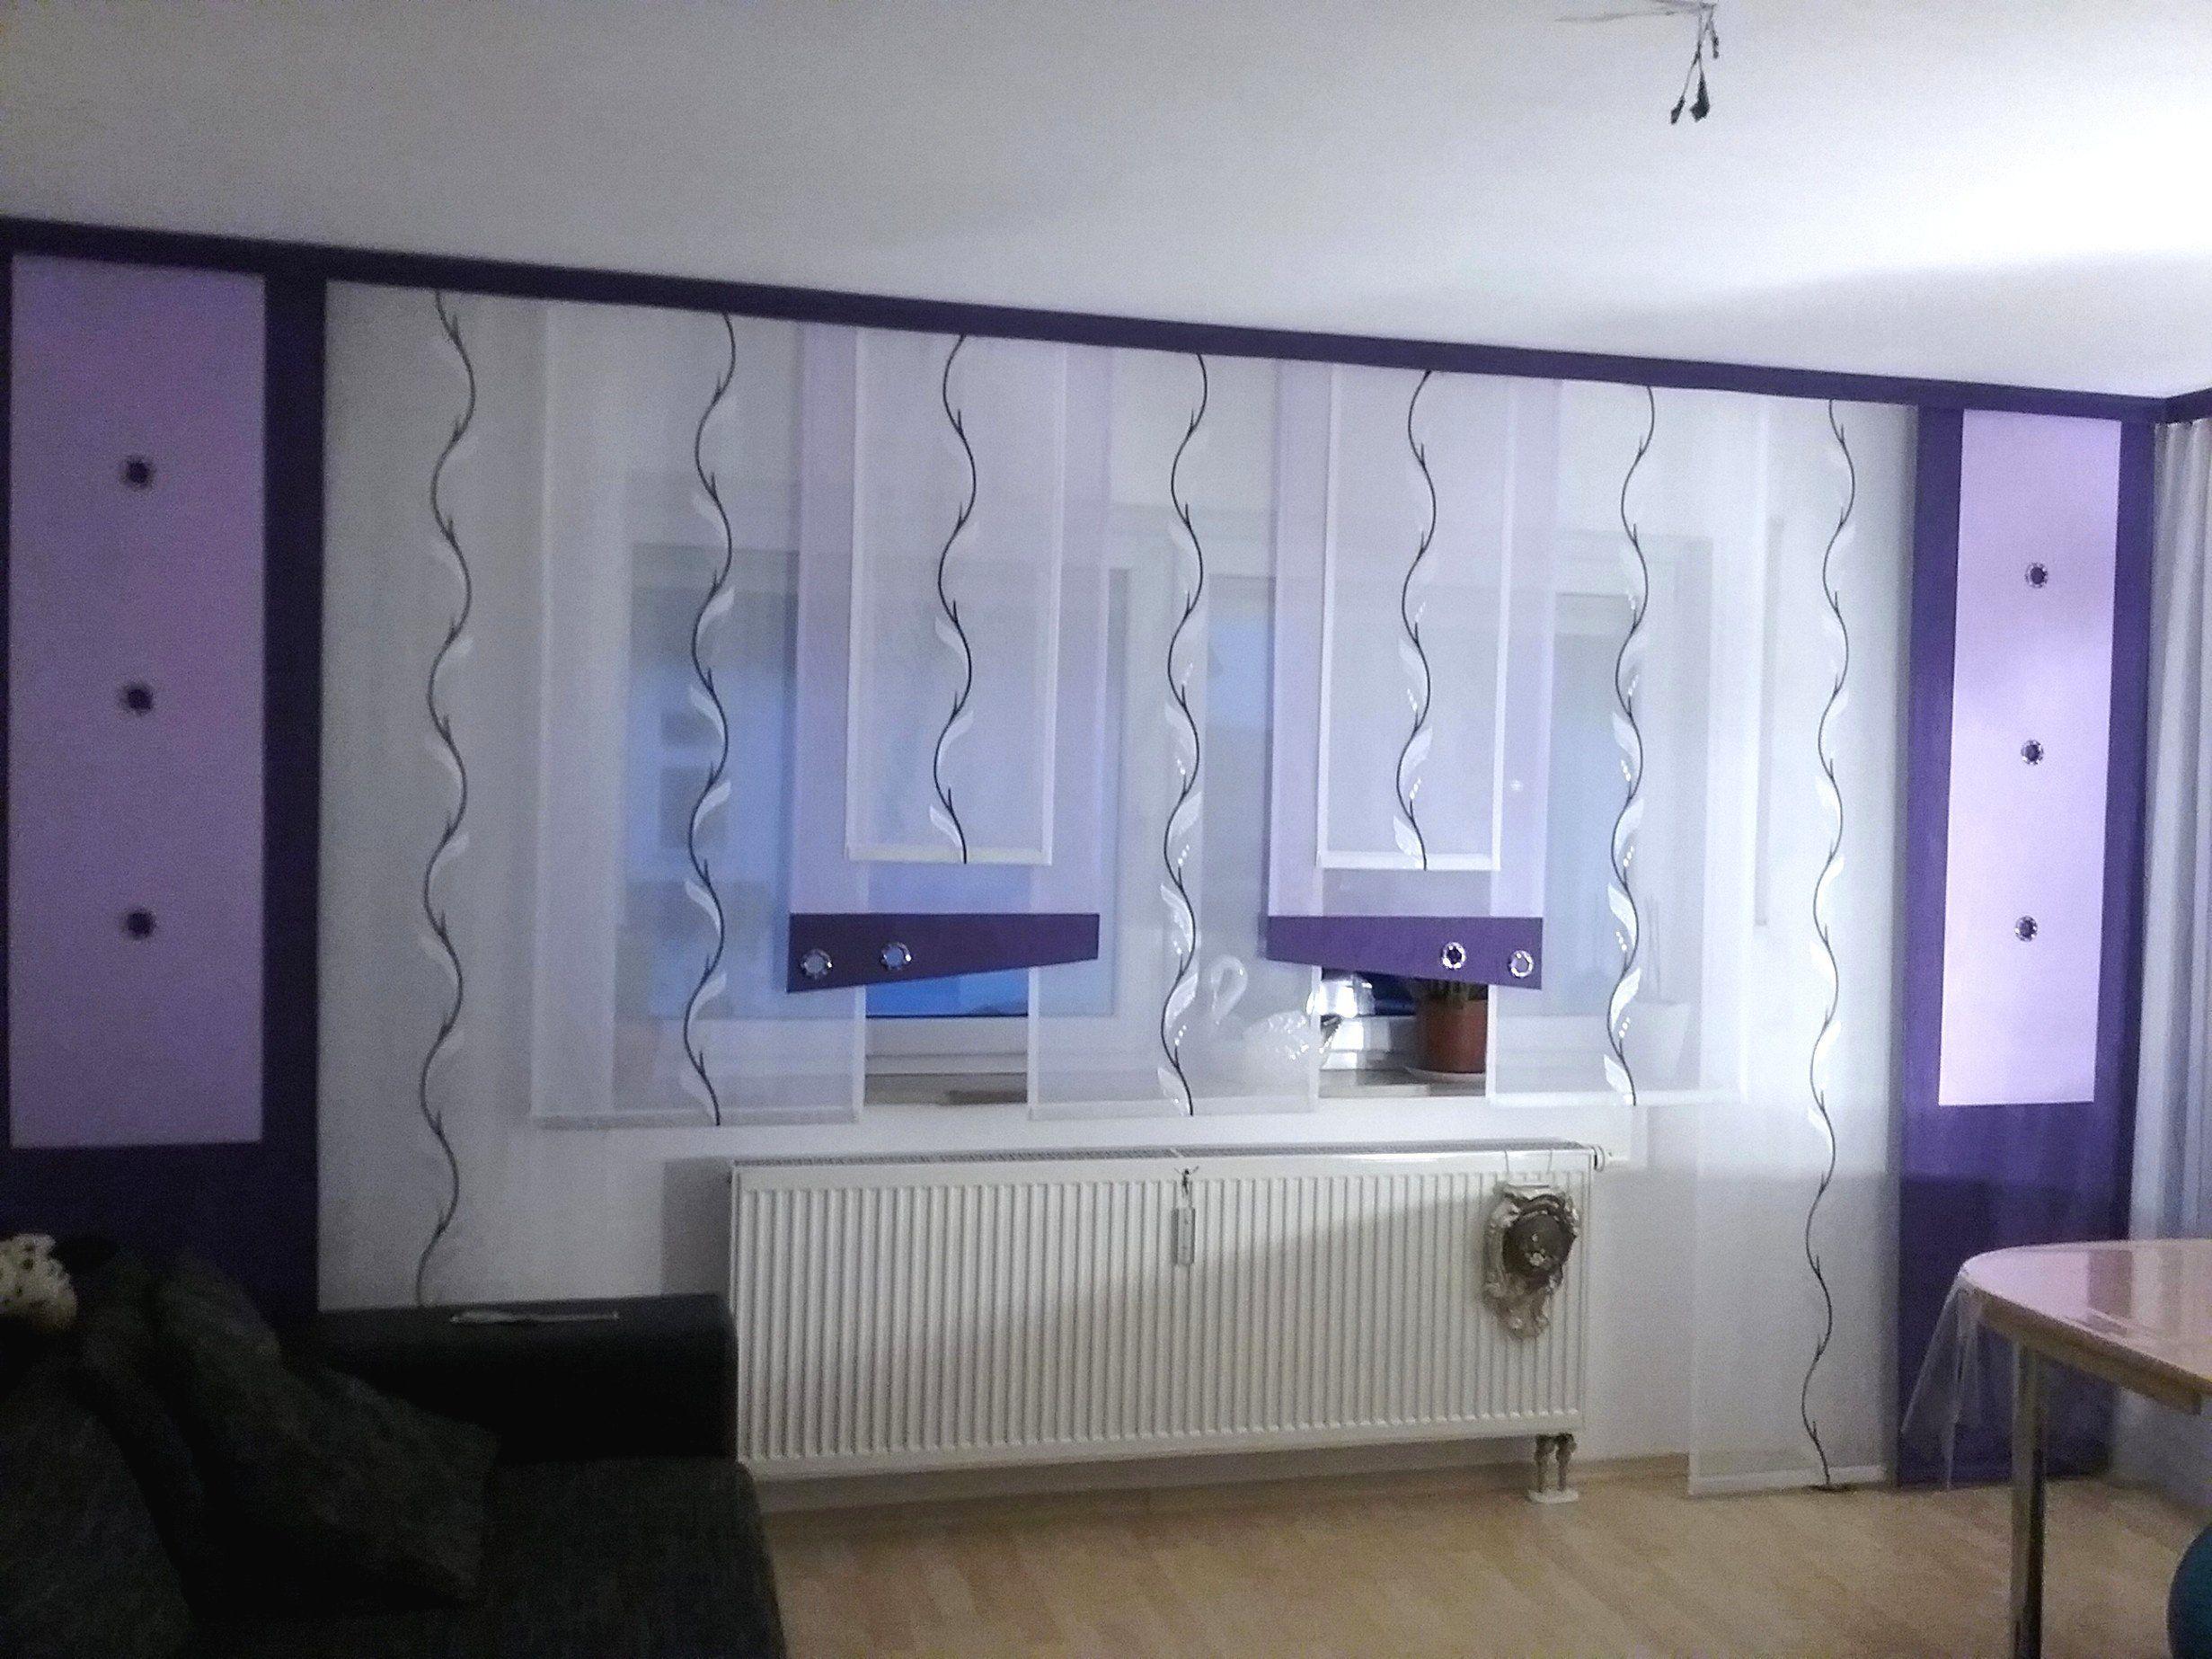 7 Liebenswert Lager Von Fenstergestaltung Wohnzimmer Ideen in 7